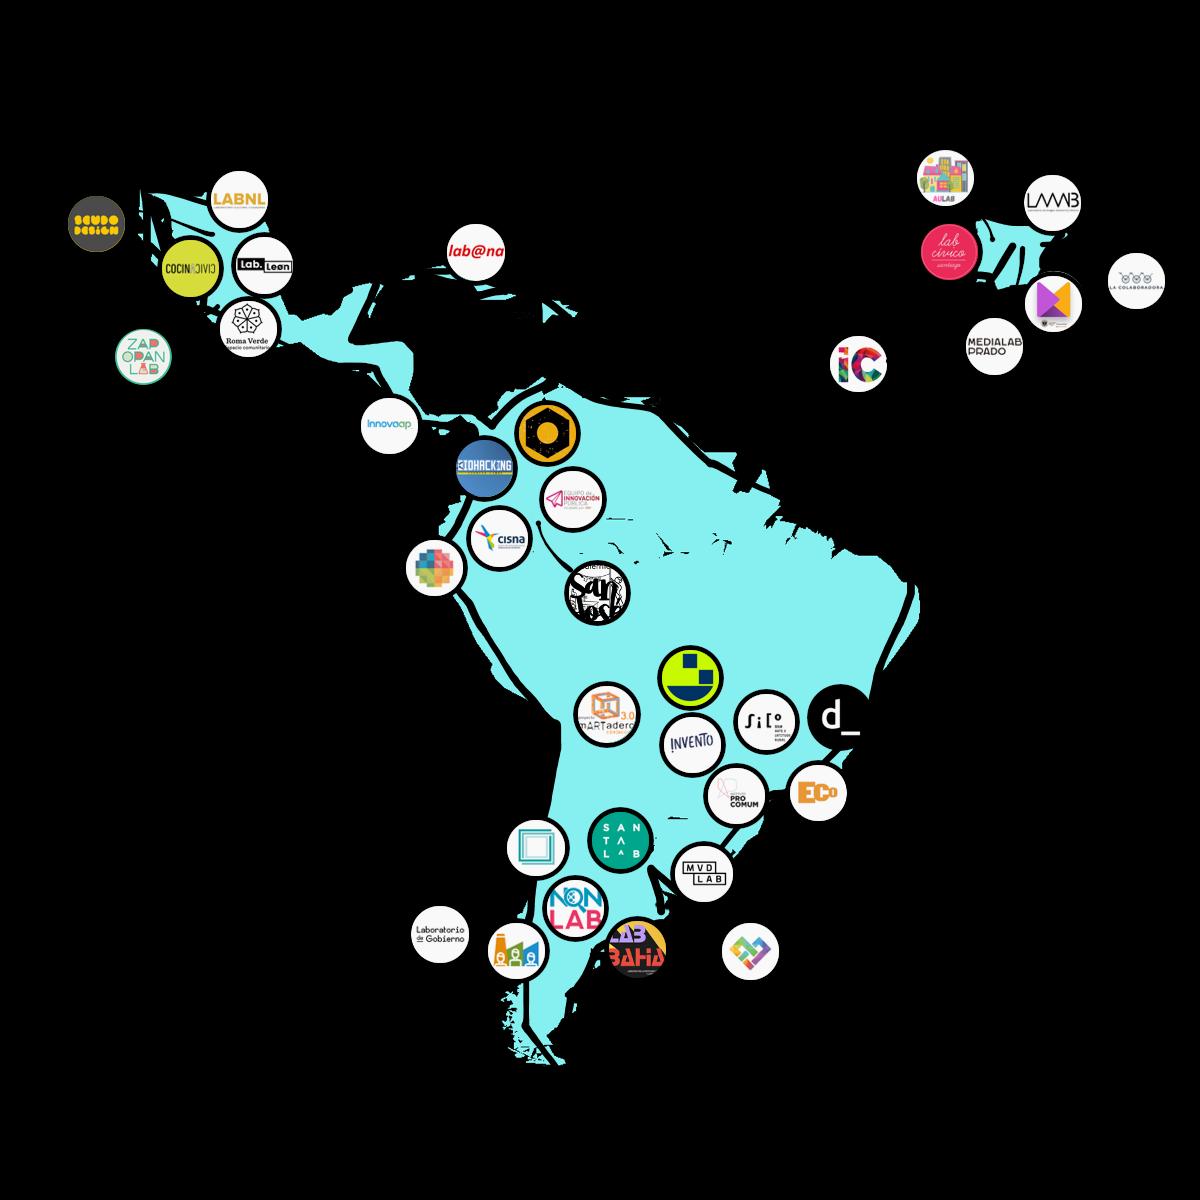 Medialab UGR entra a formar parte de la Red Iberoamericana de Laboratorios de Innovación Ciudadana